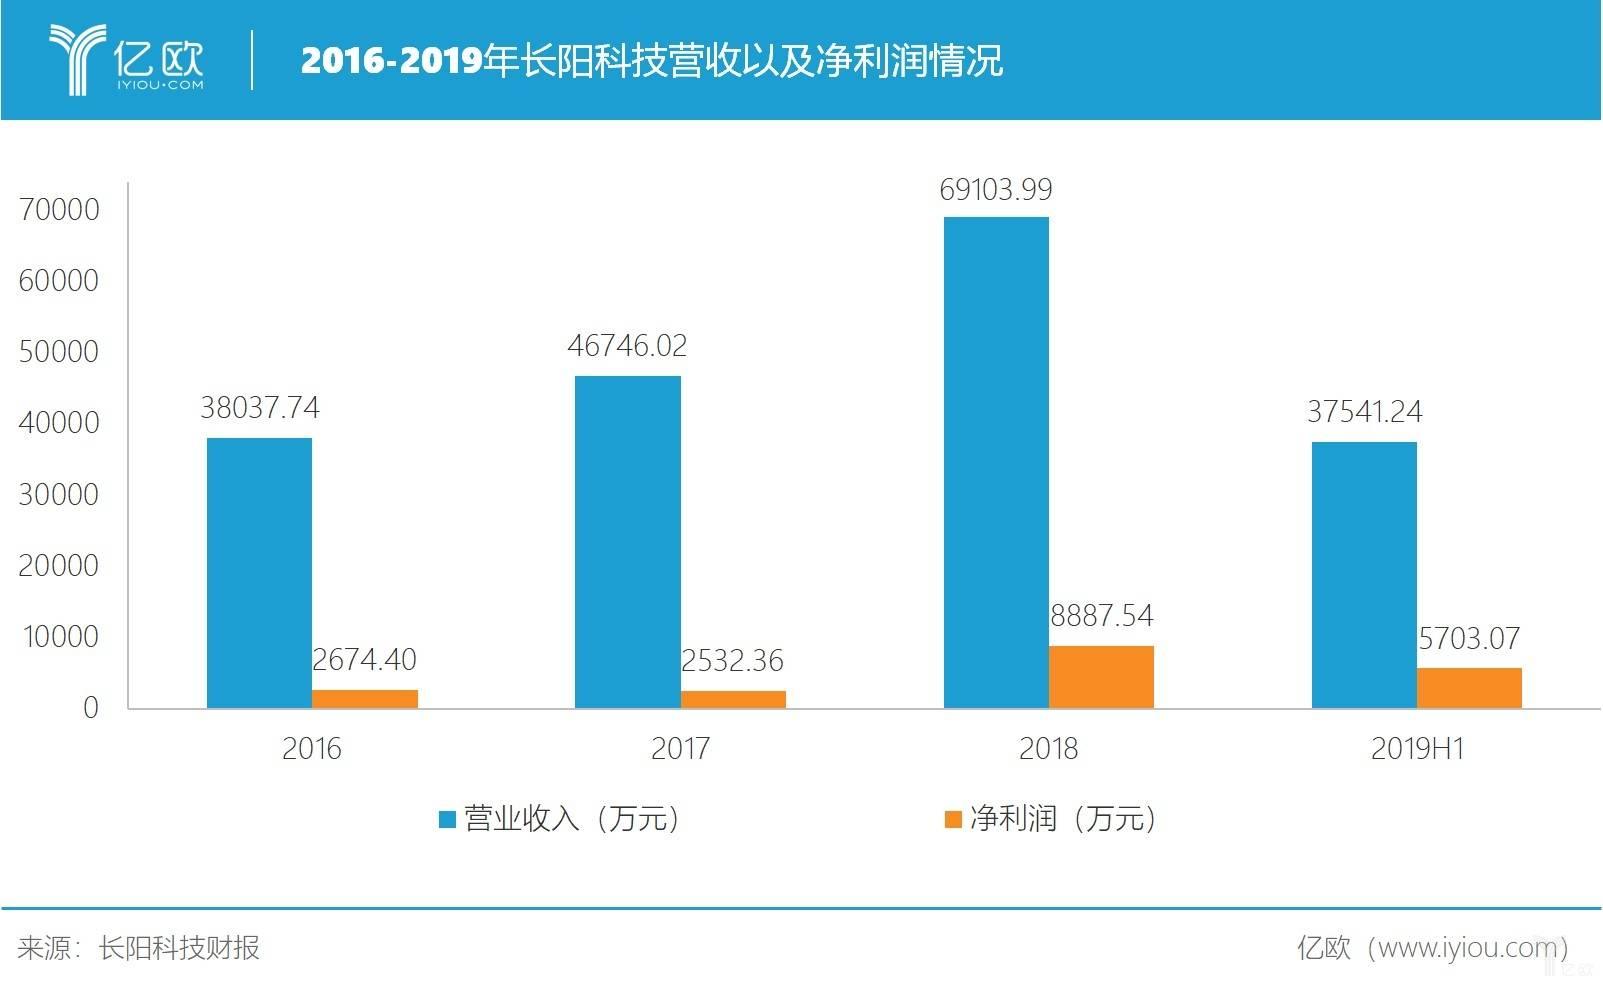 近几年长阳科技营收与净利润